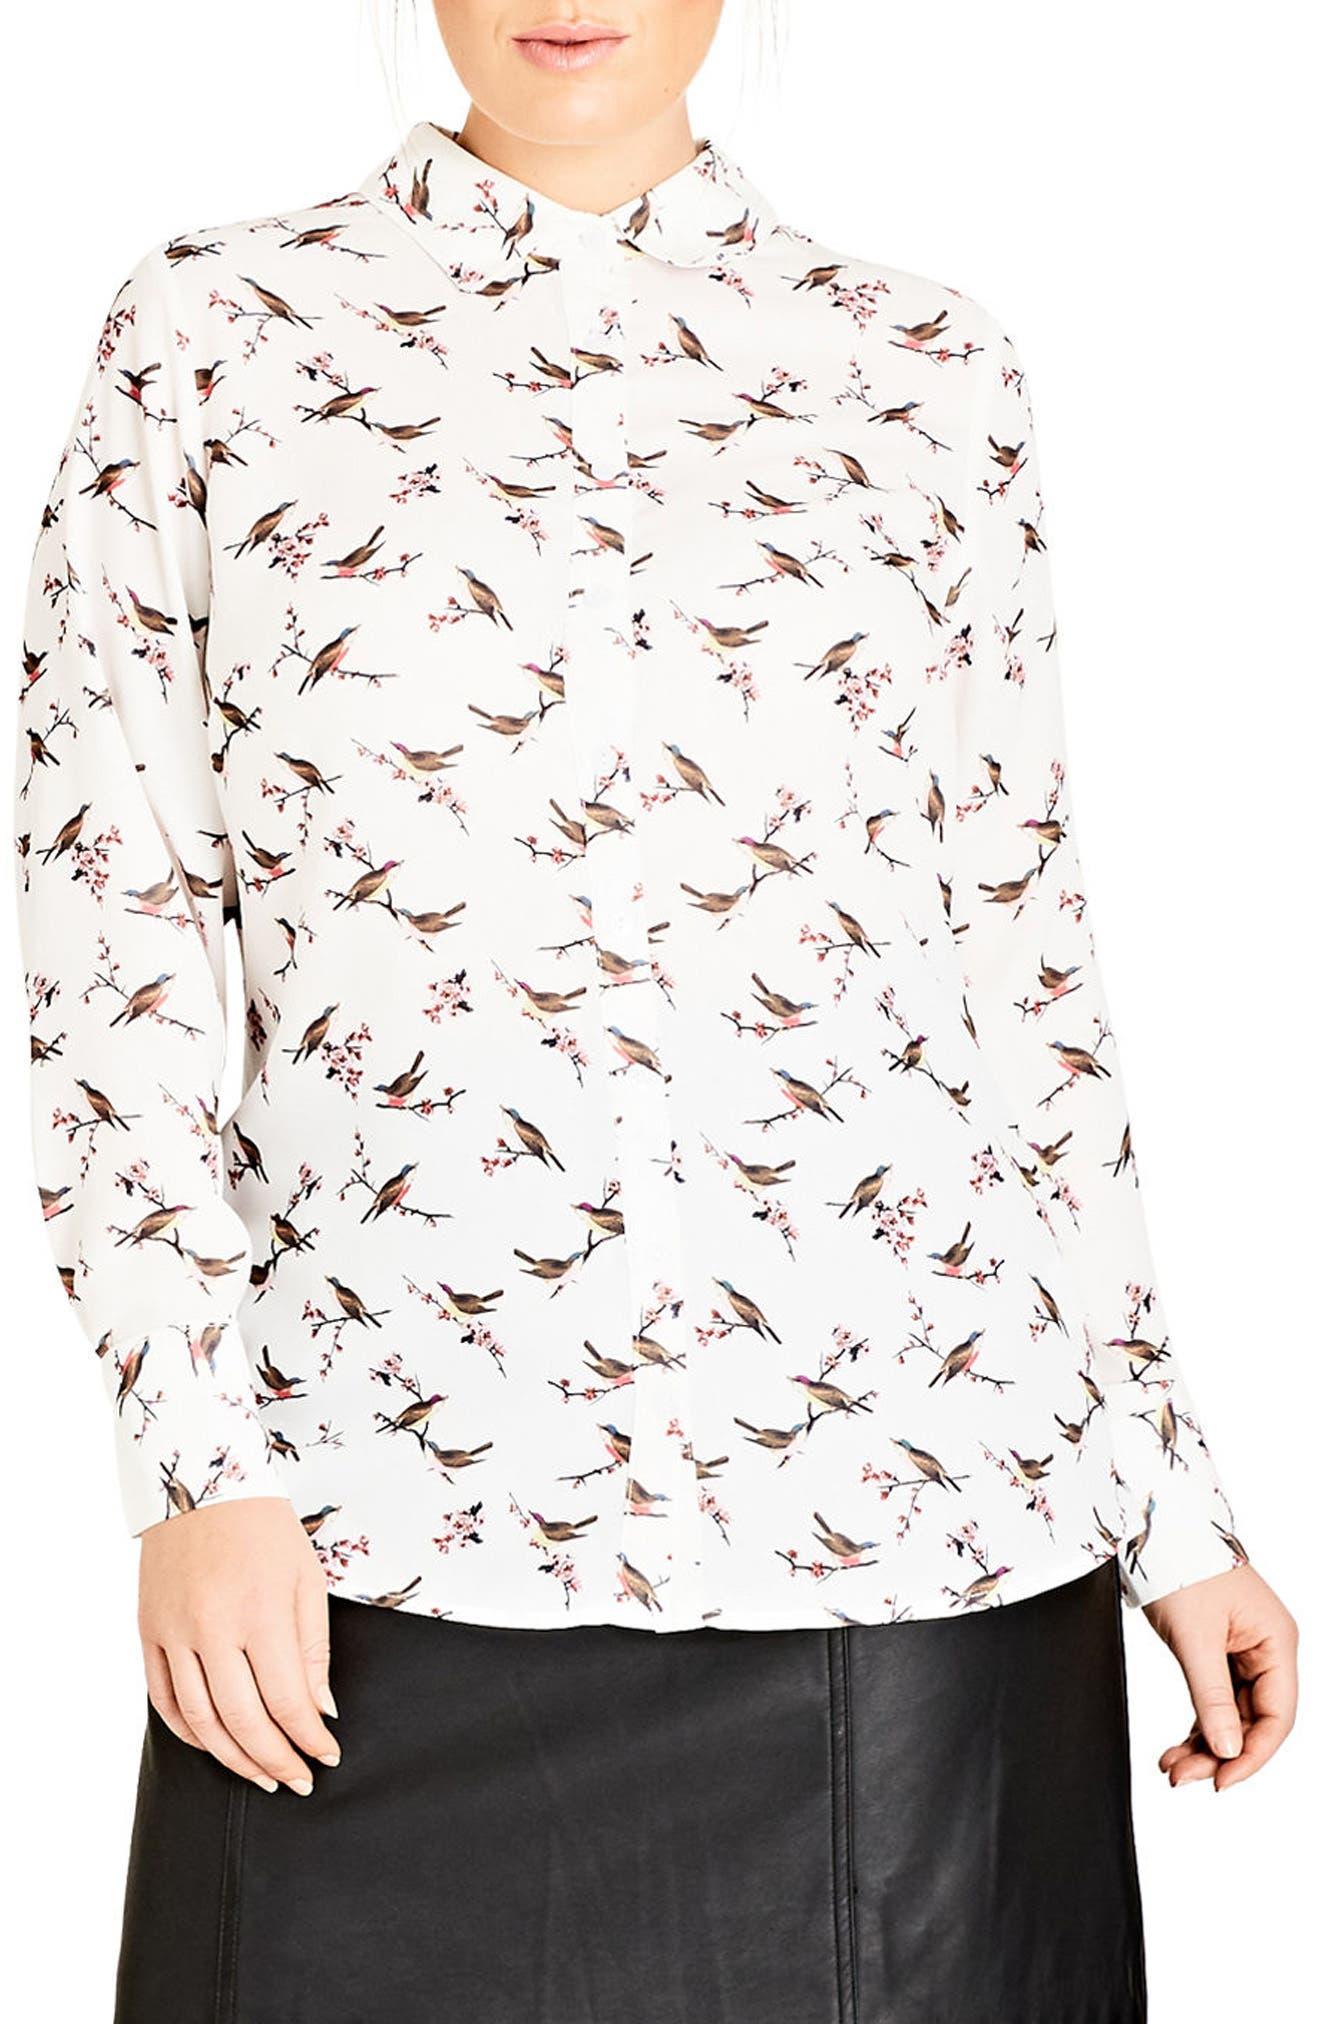 Birdy Shirt,                         Main,                         color, Birdy